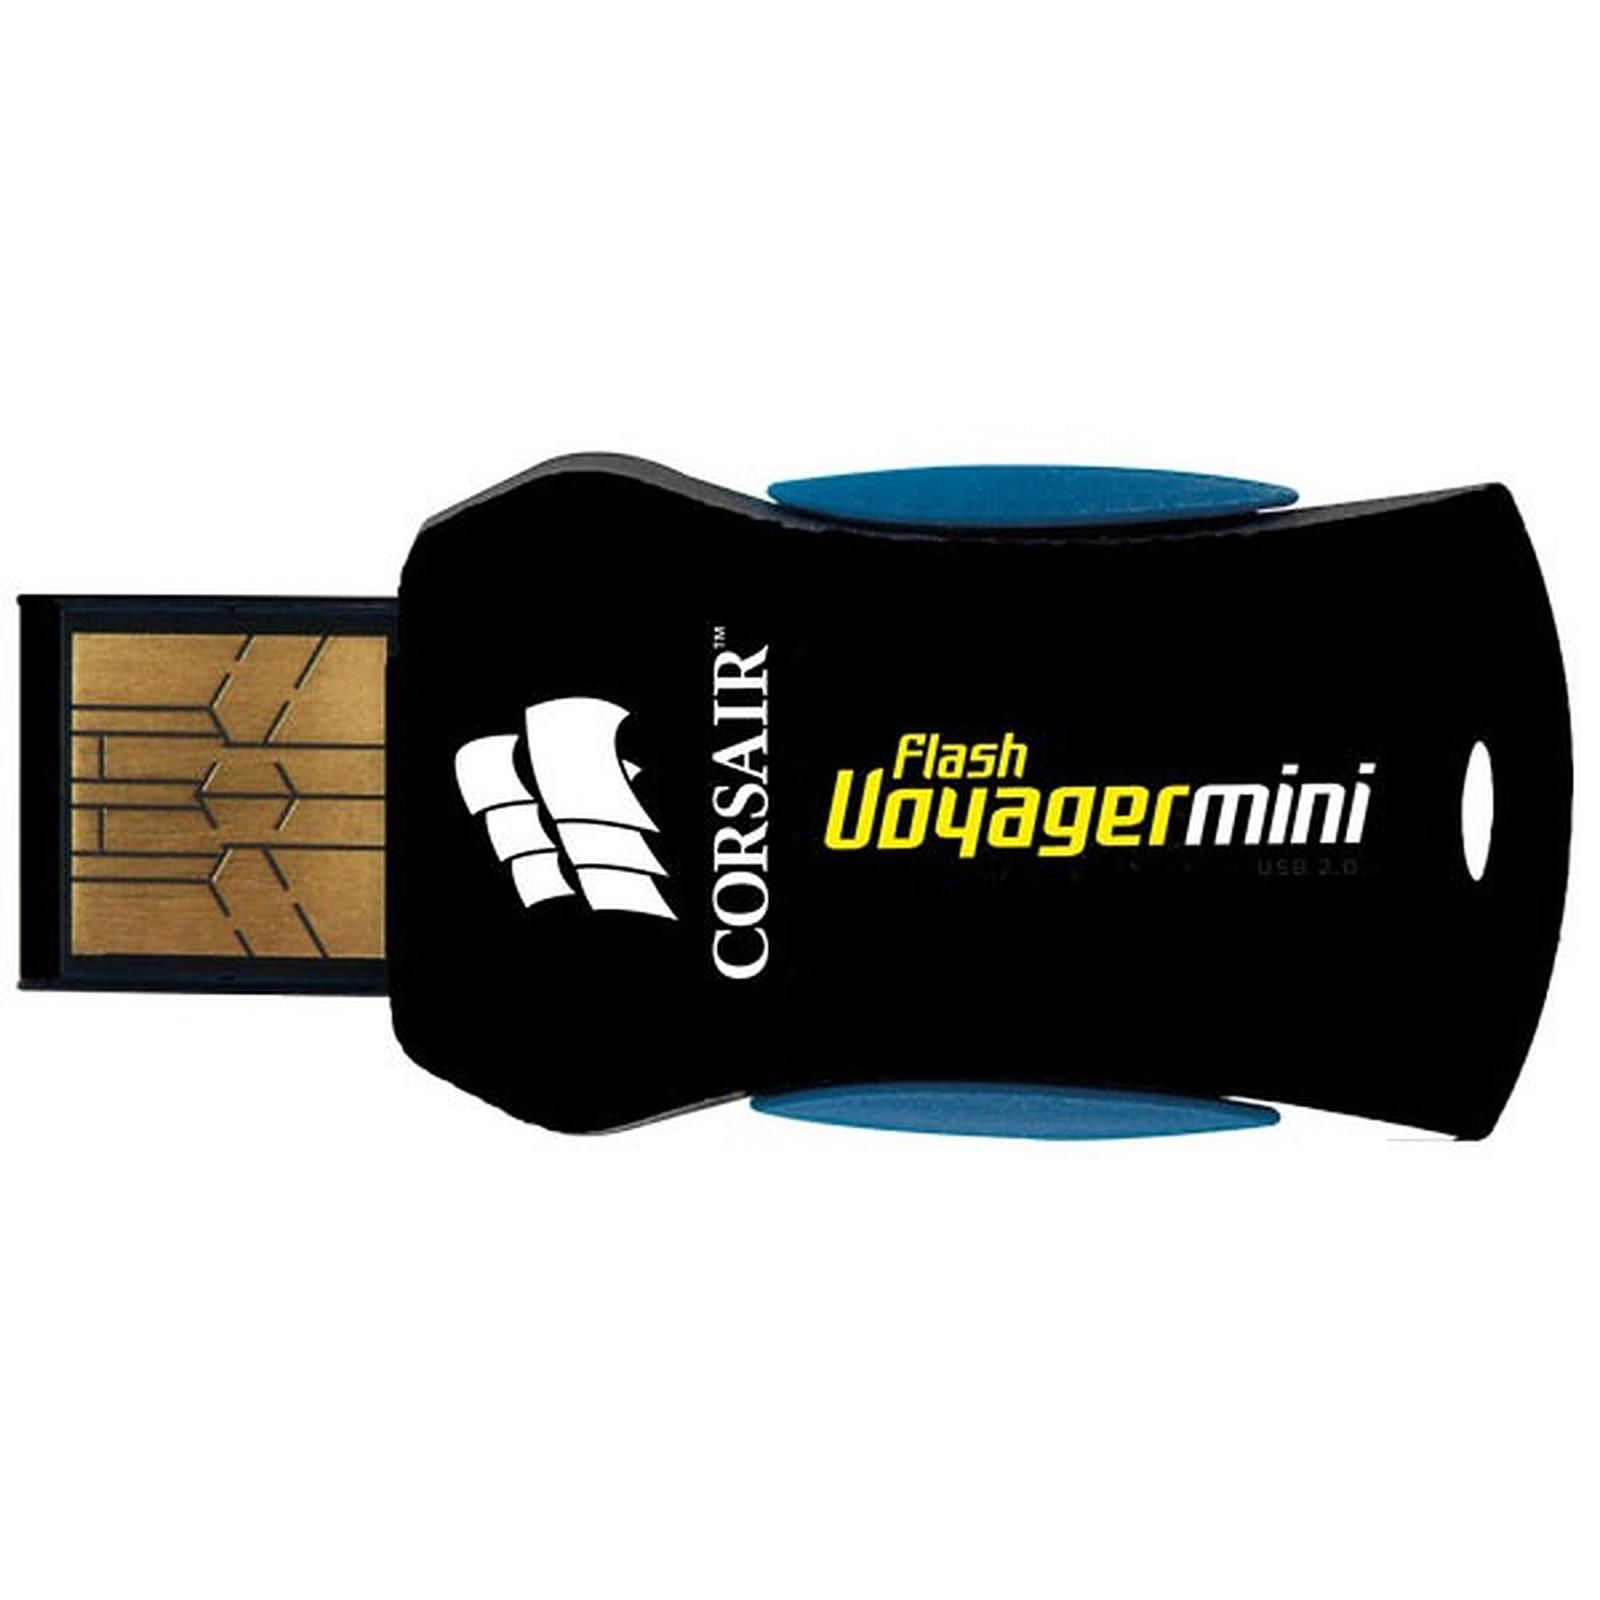 Corsair Flash Voyager Mini USB 2.0 4 GB